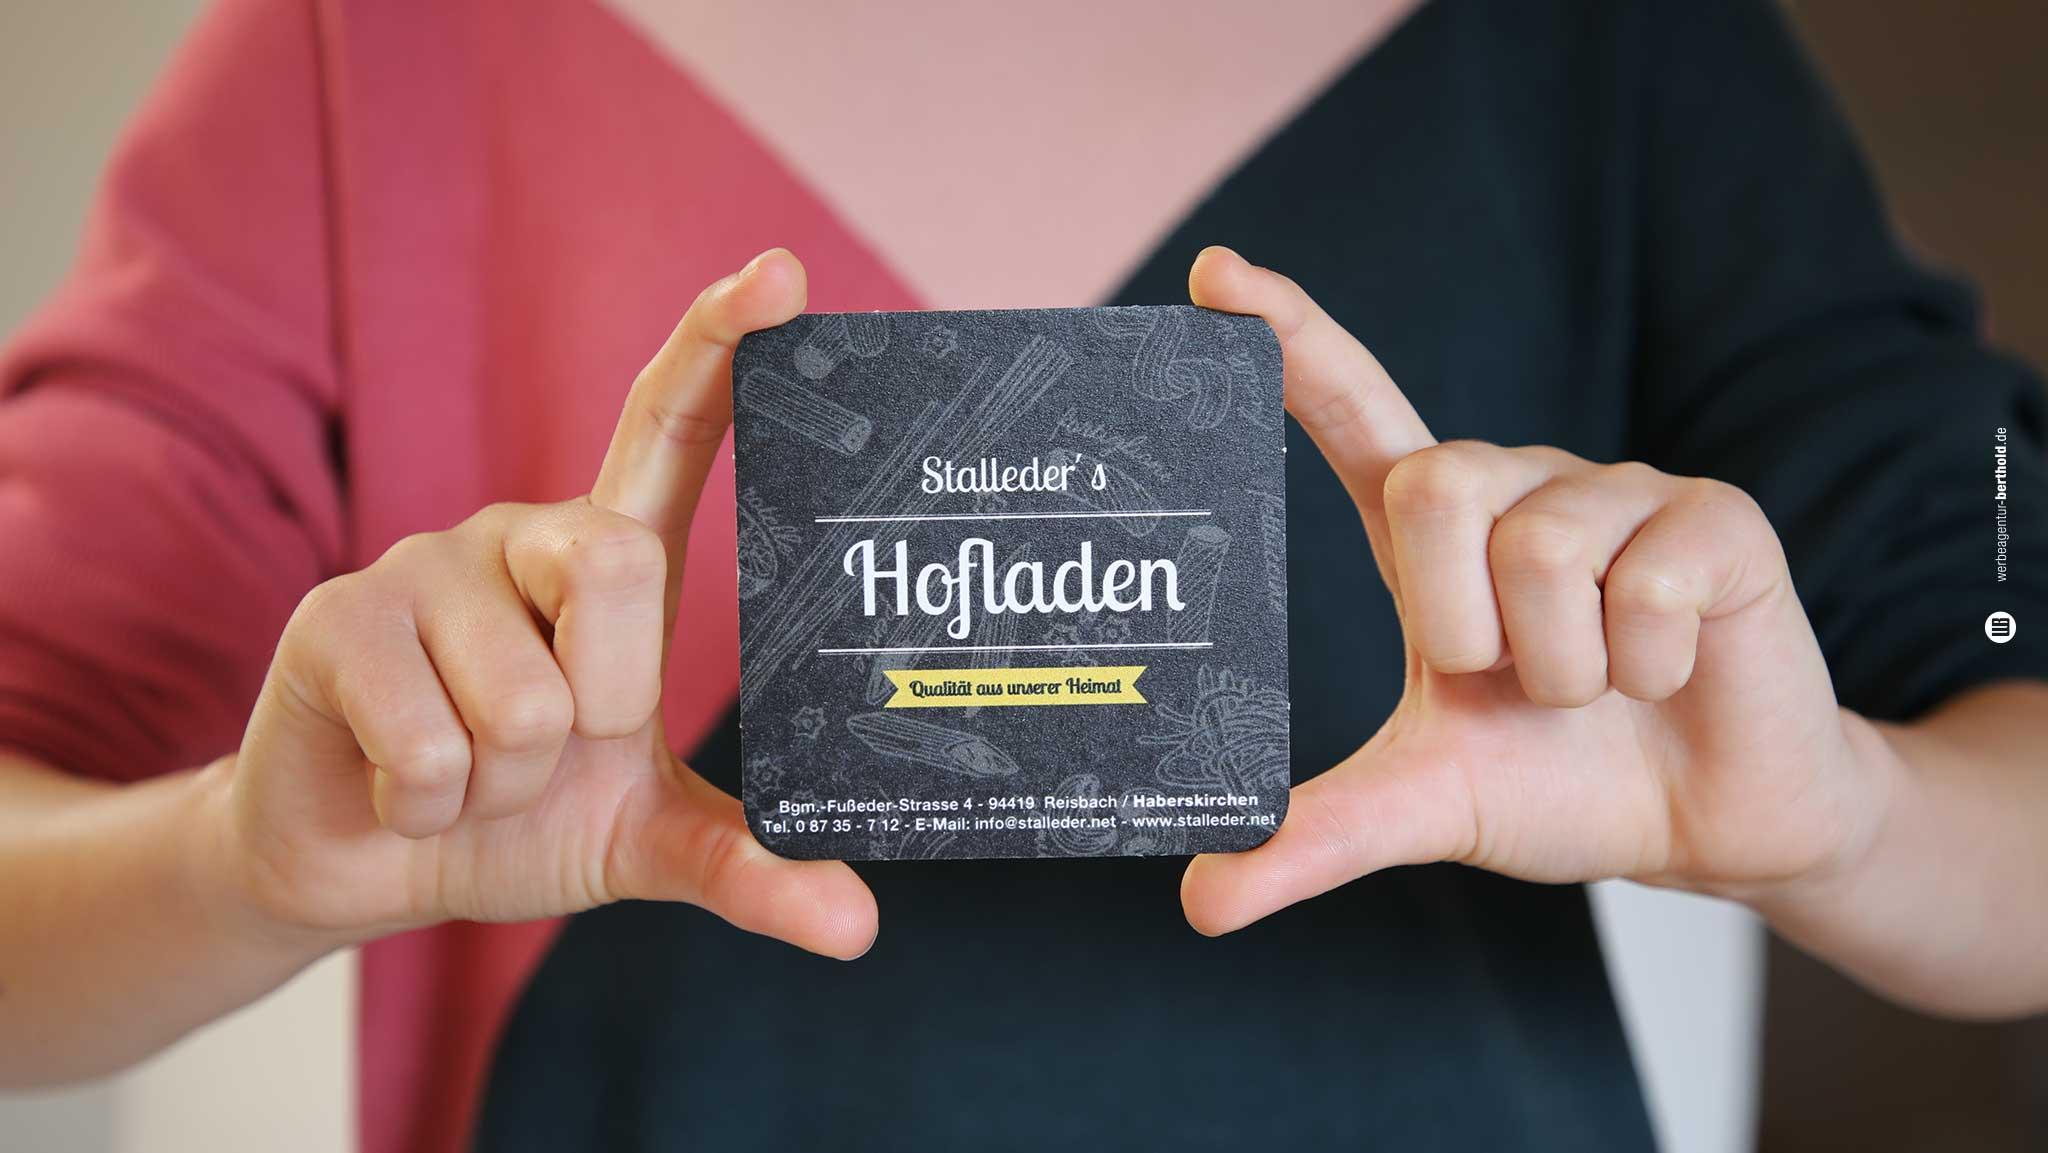 Stalleder GmbH, Logodesign, Website, SMM, Prospekte